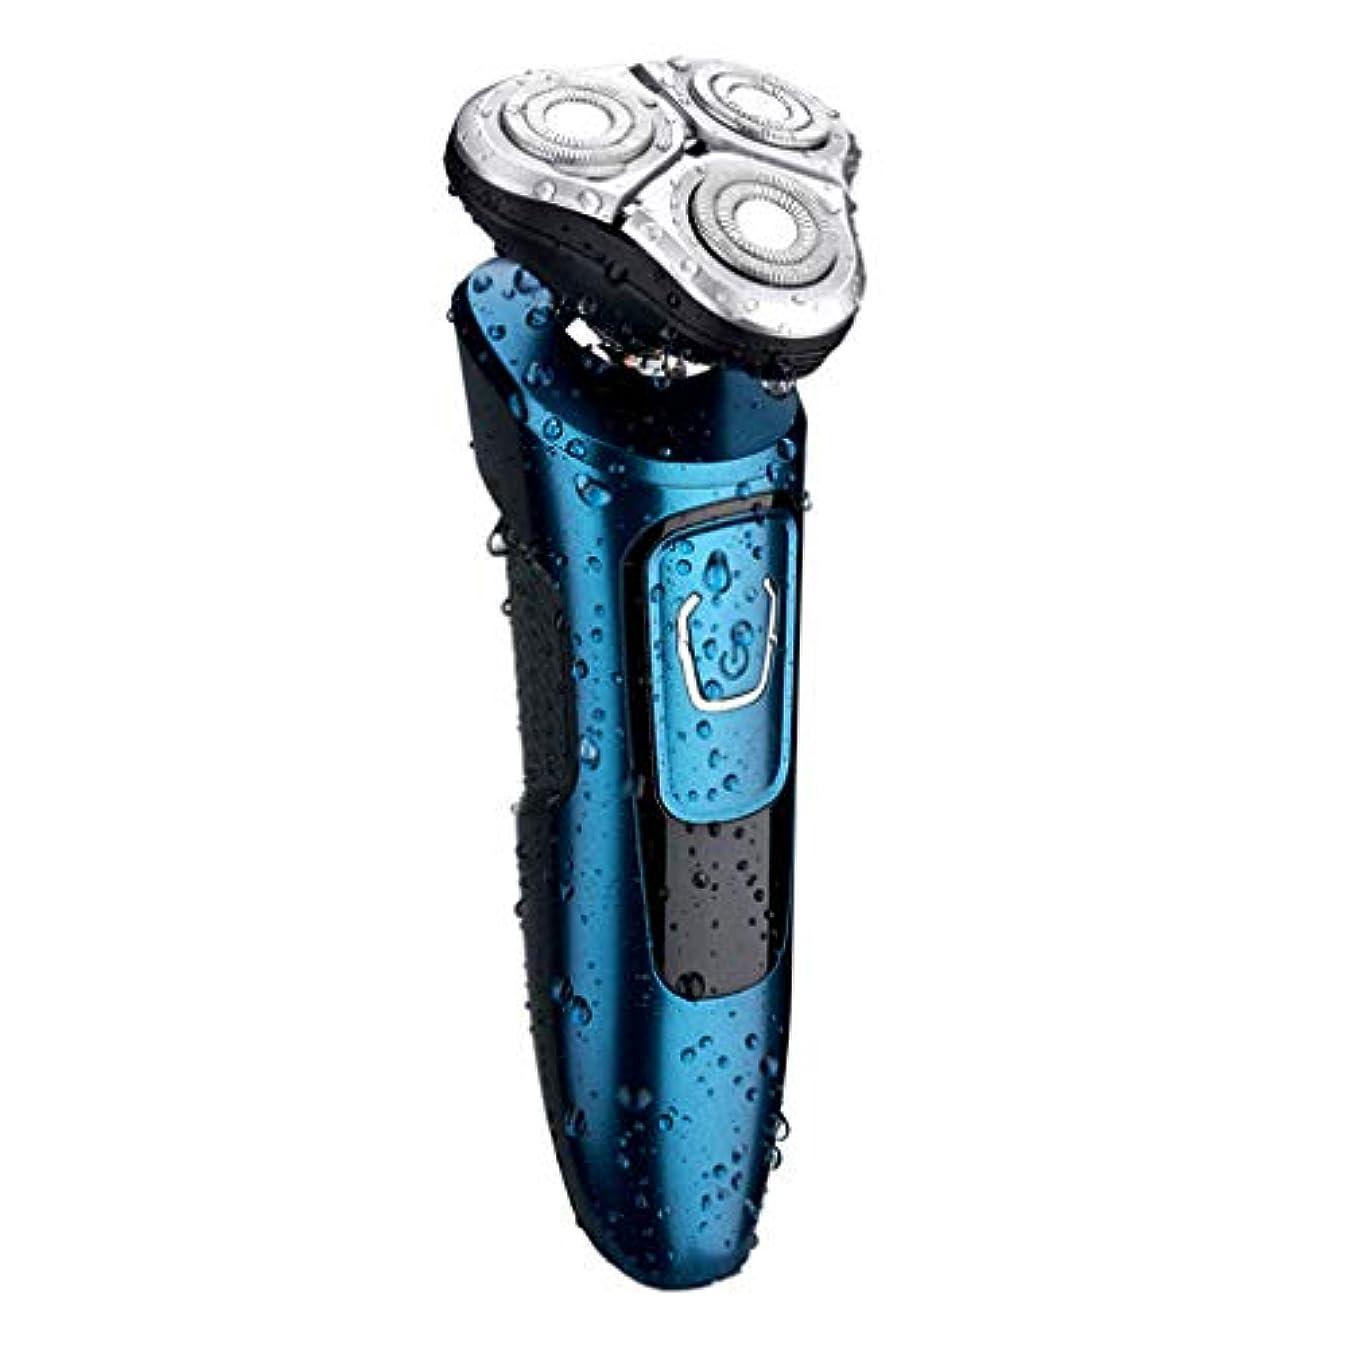 即席ガウン調整ウェット&ドライかみそり、多機能防水ホーン/鼻毛トリマー、クレンジングデバイス、急速充電/LEDディスプレイ